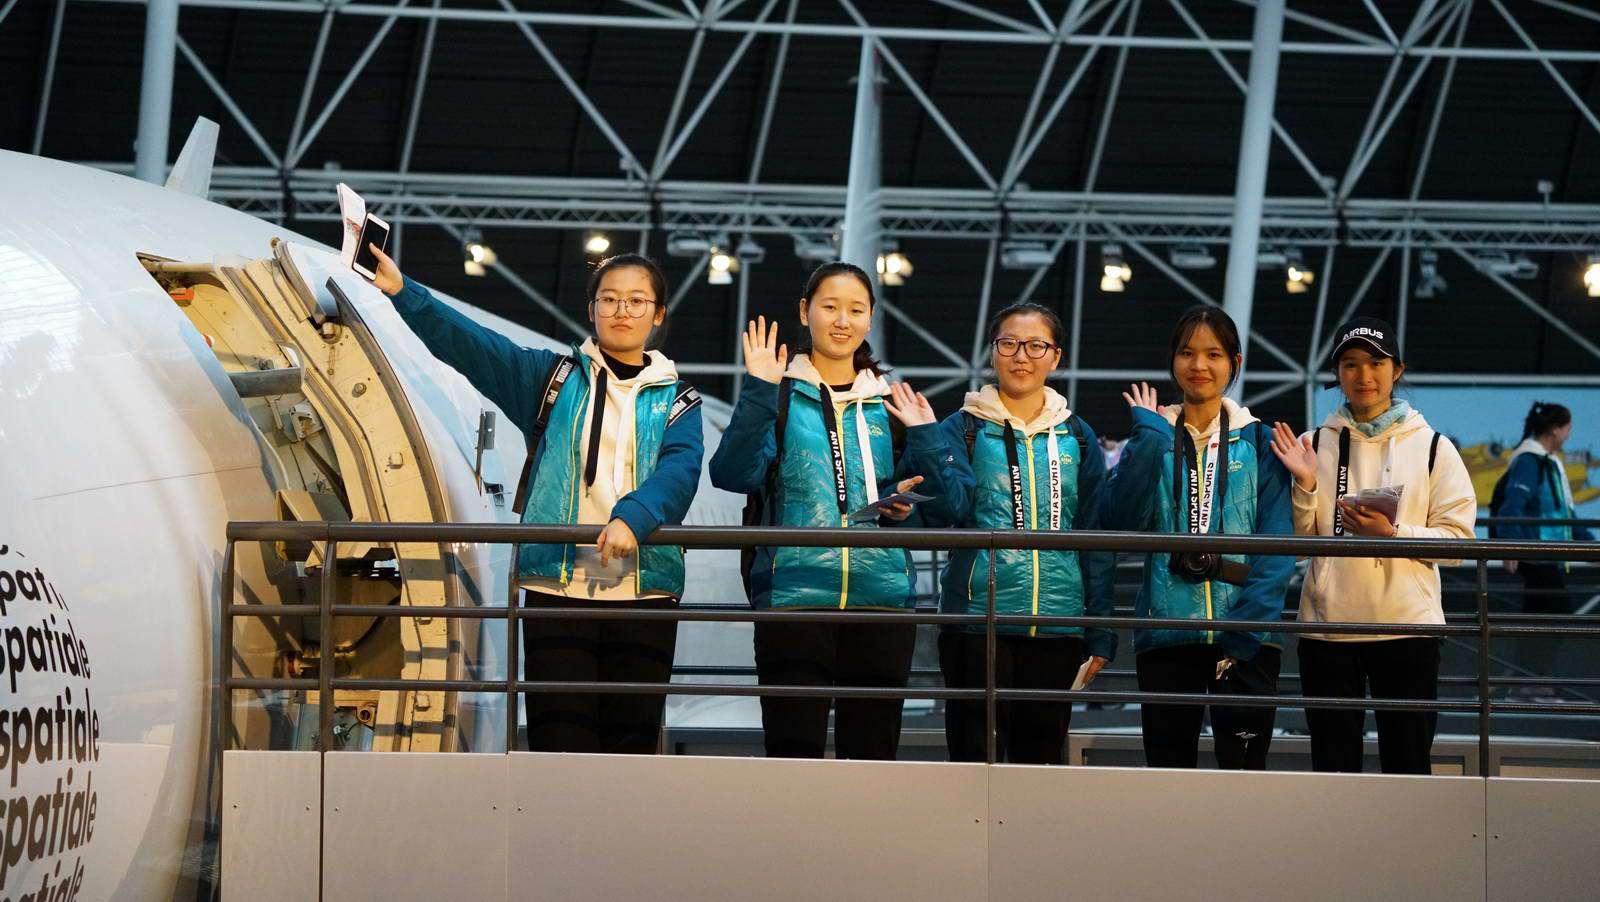 圆梦航空 12名青少年图卢兹见证国航A350交给